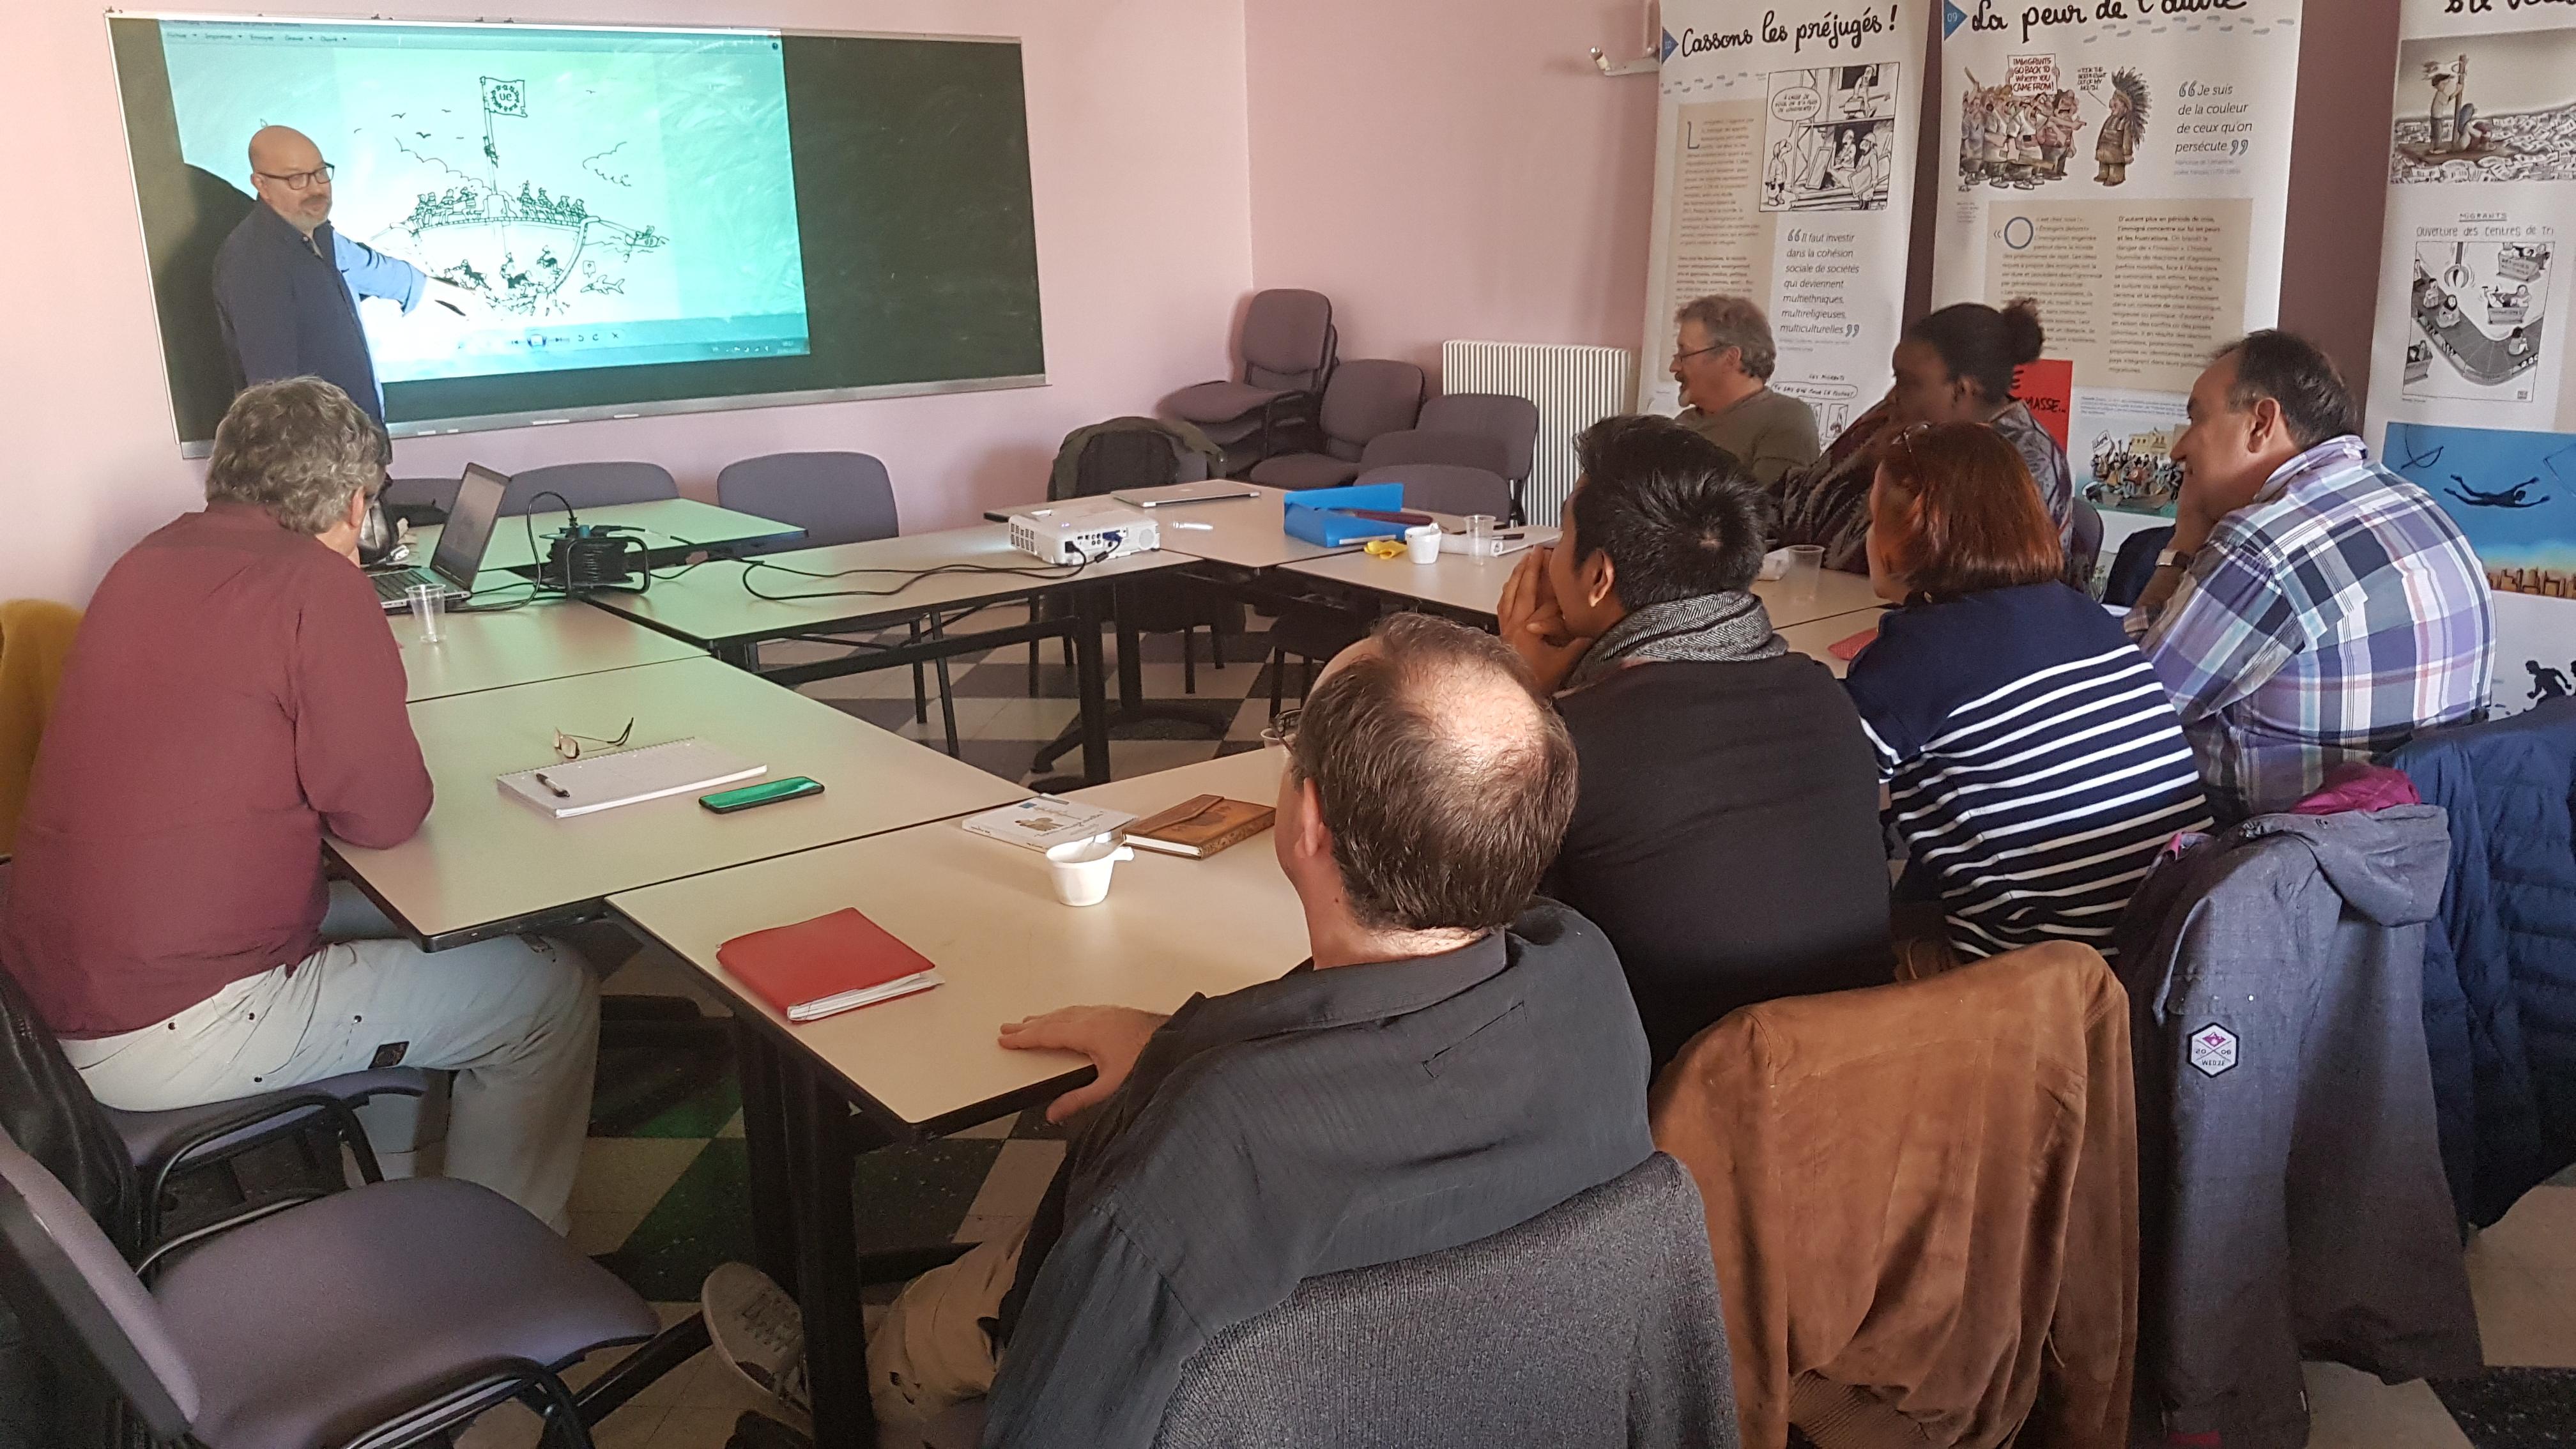 Formation des animateurs en Essonne avec le dessinateur Xavier Gorce